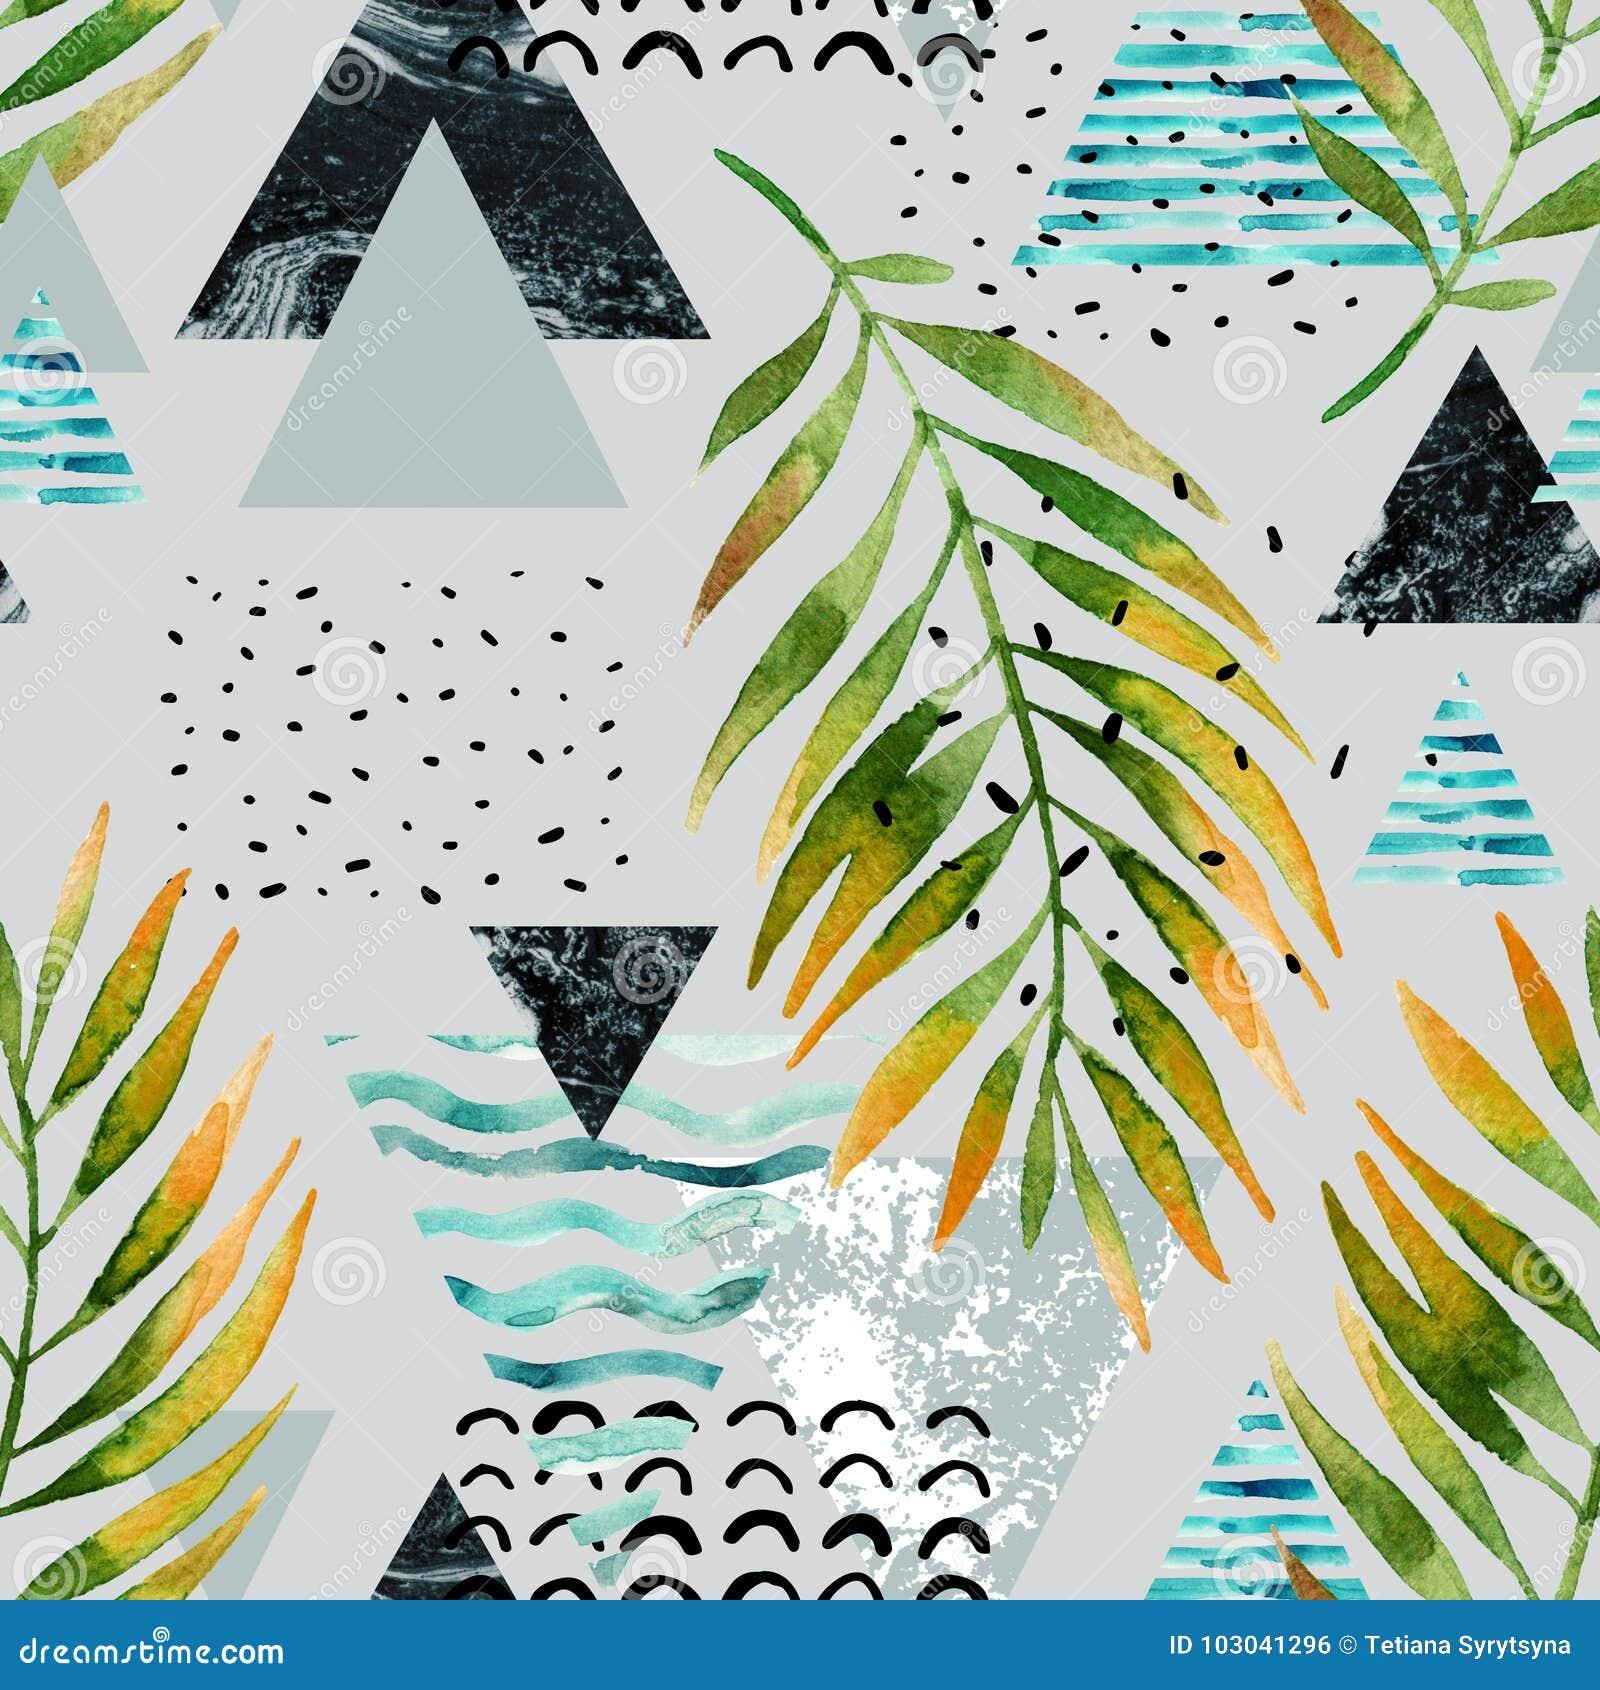 Треугольники с листьями пальмы, doodle, мрамор, текстуры grunge